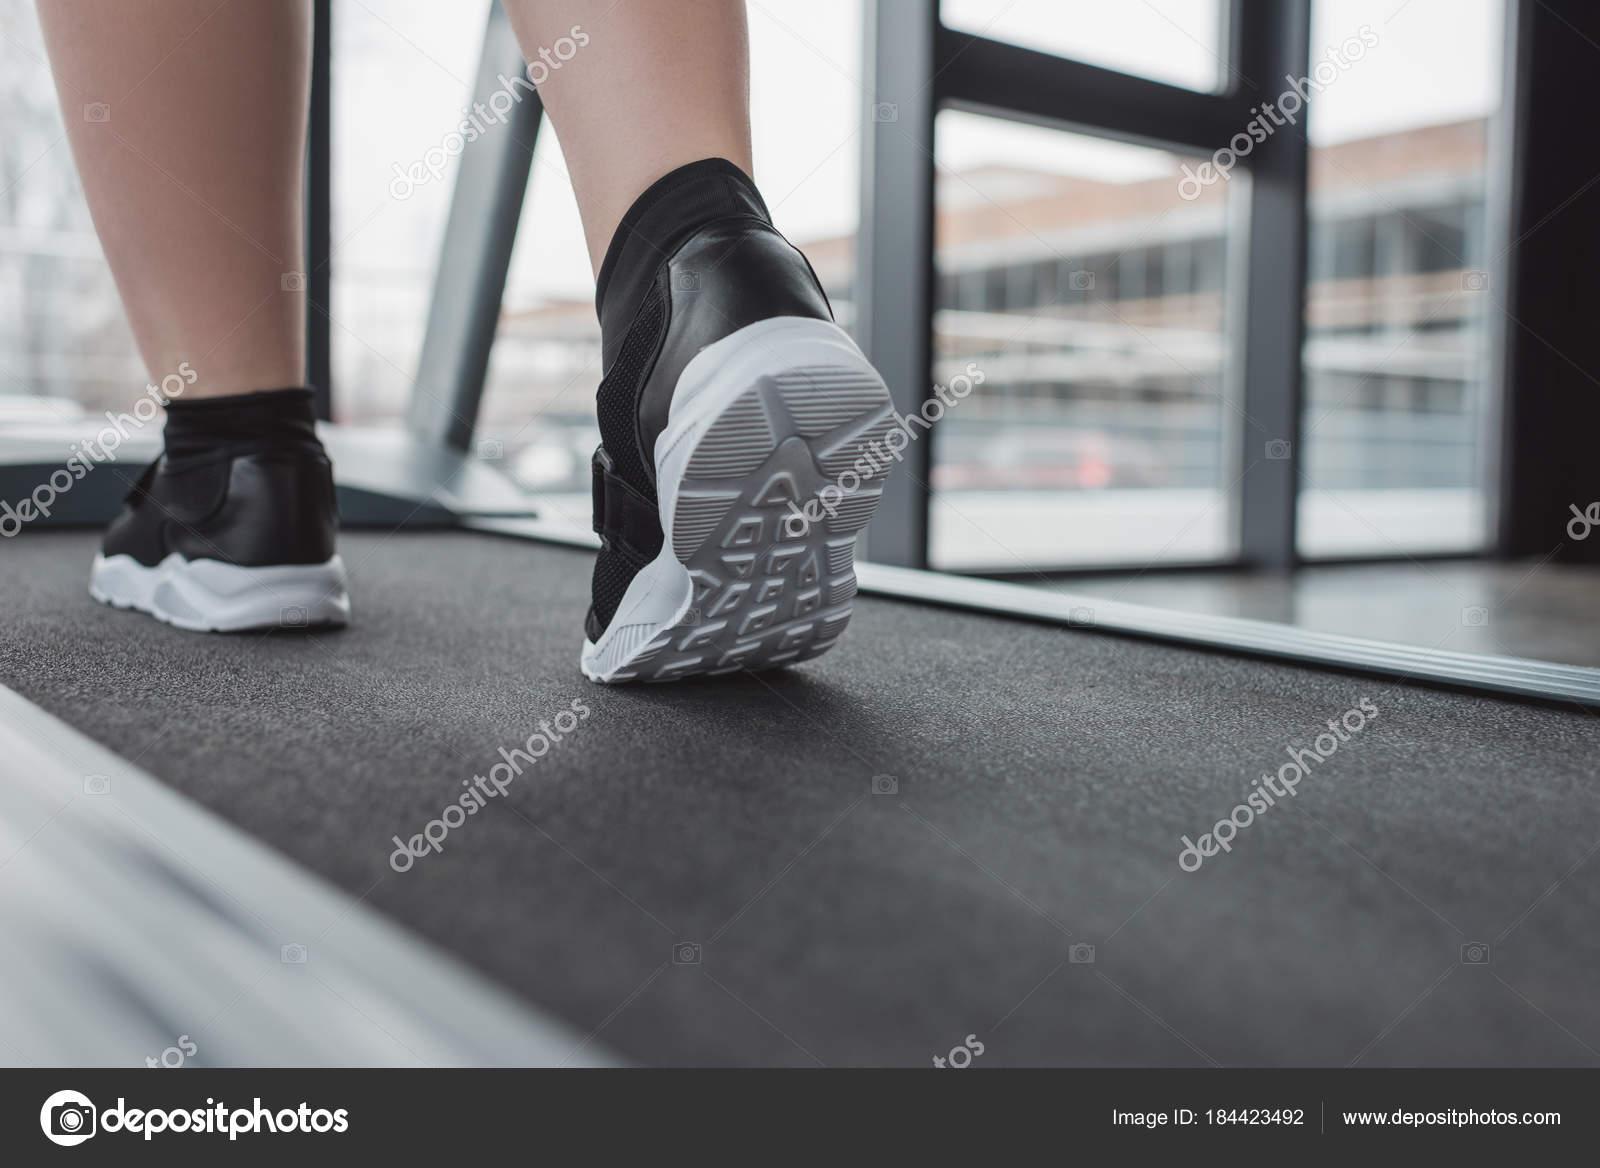 Крупным планом зрения полных девочка ноги беговой дорожке.